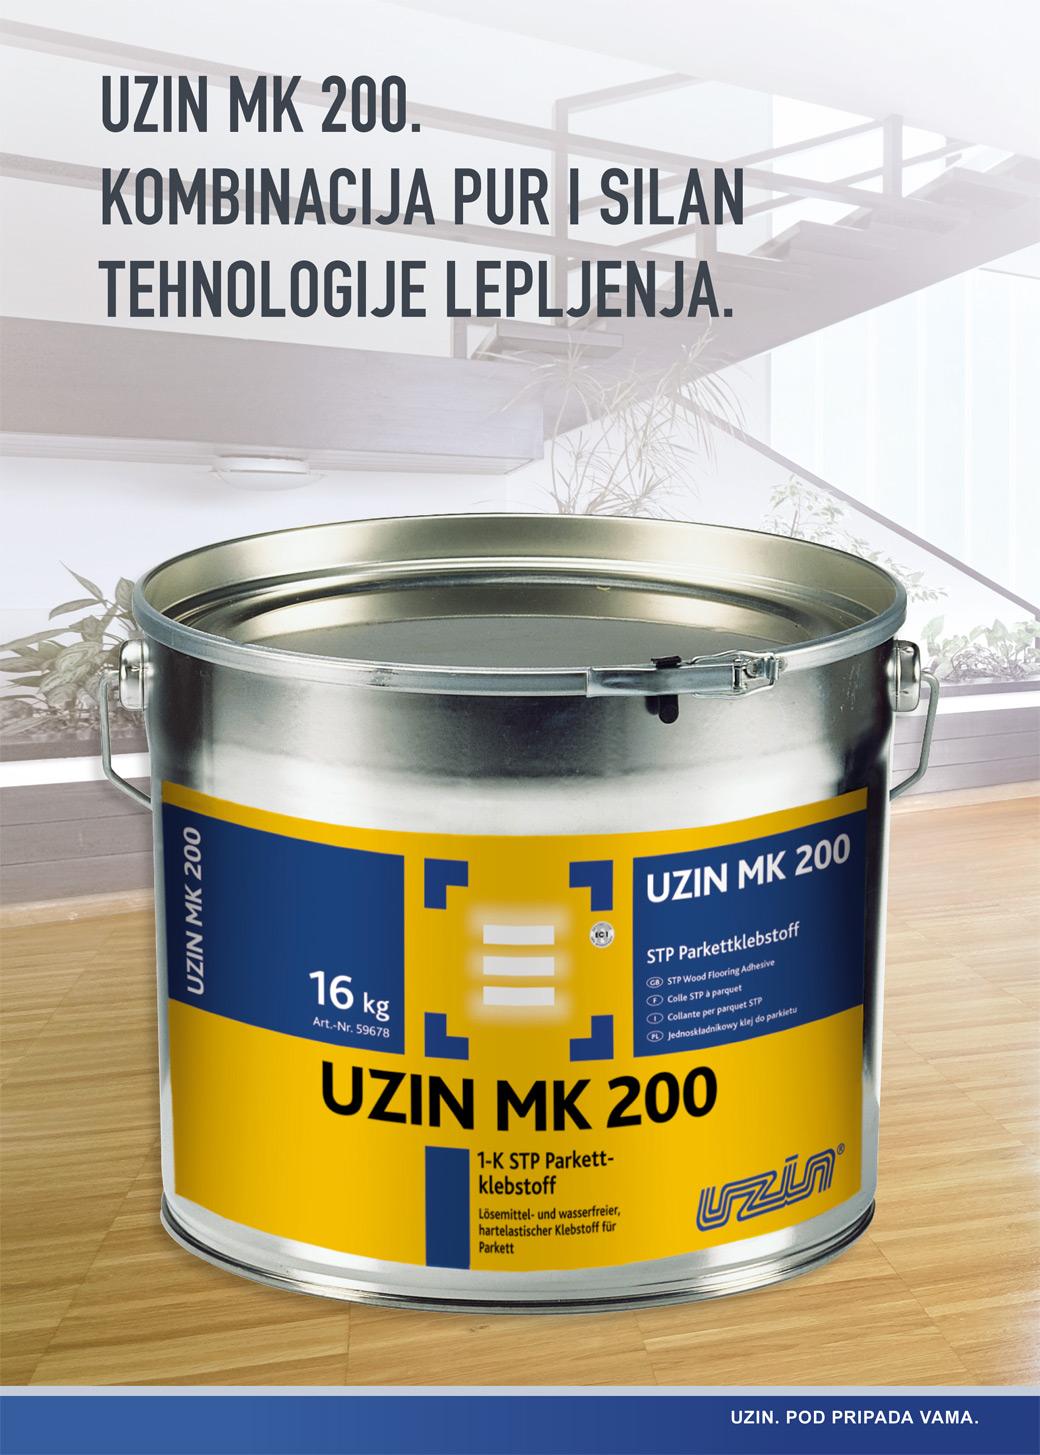 Uzin MK 200 Pur i Silan - Unihem Trading d.o.o.